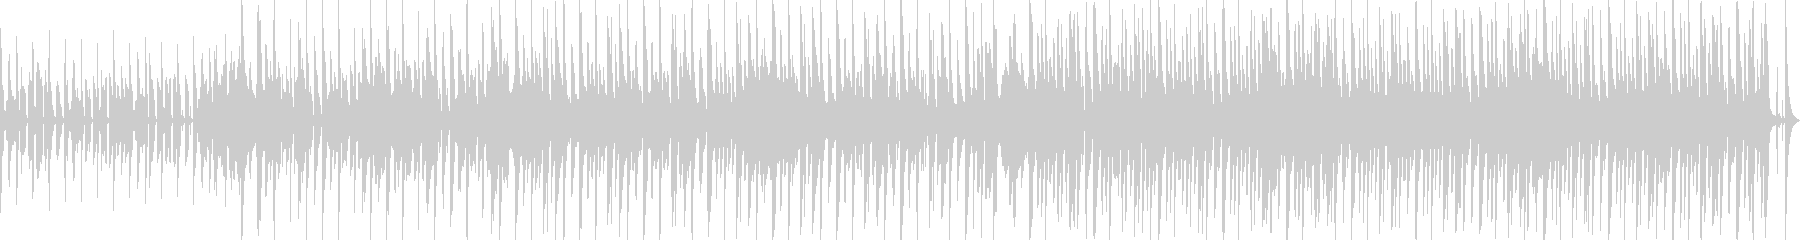 爽やかなエレクトロポップ(ループVer)の未再生の波形